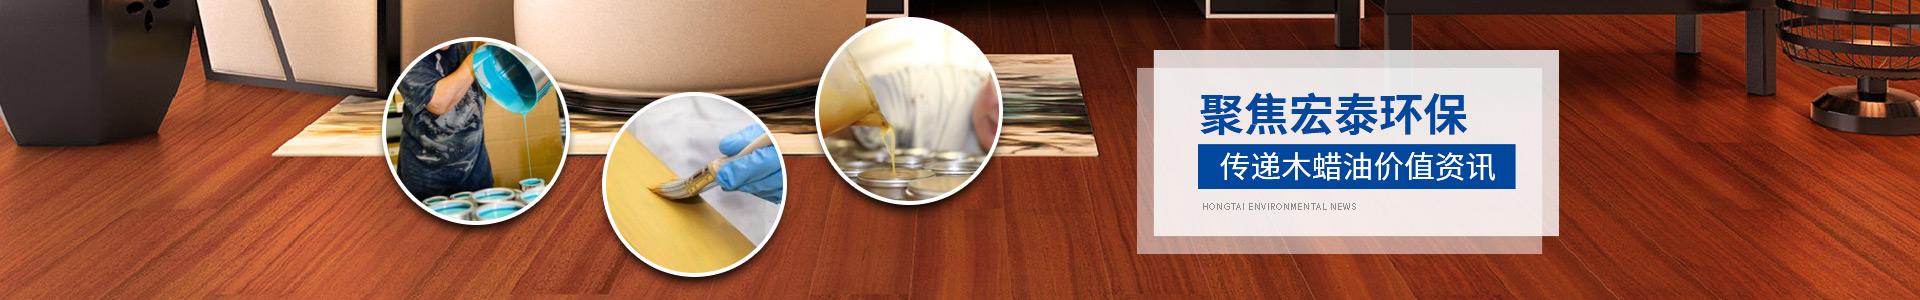 宏泰环保-传递木蜡油价值资讯